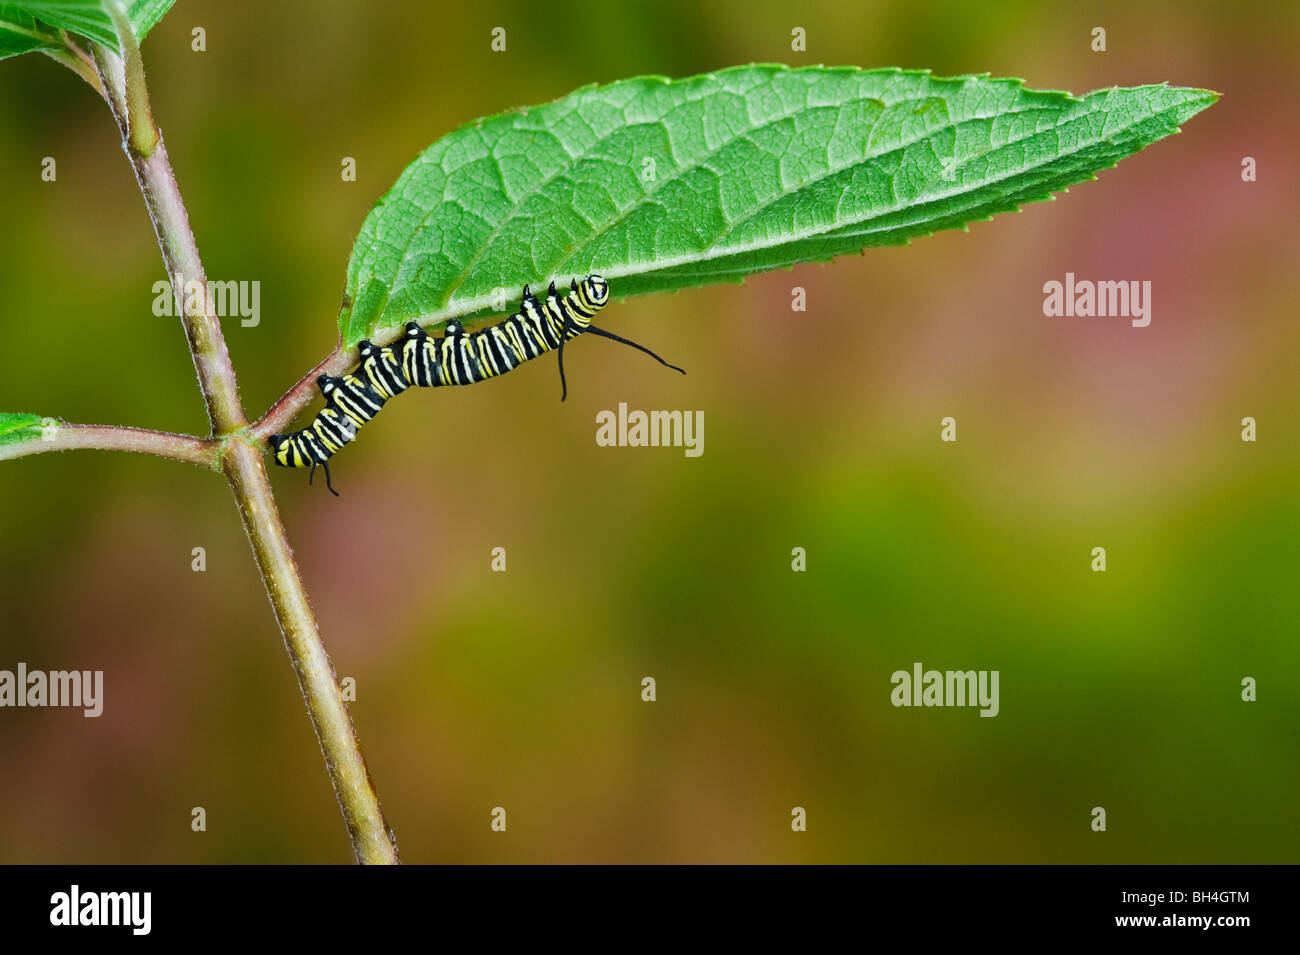 Monarch Butterfly caterpillar on leaf, la préparation pour la transformation à partir de la larve à Photo Stock